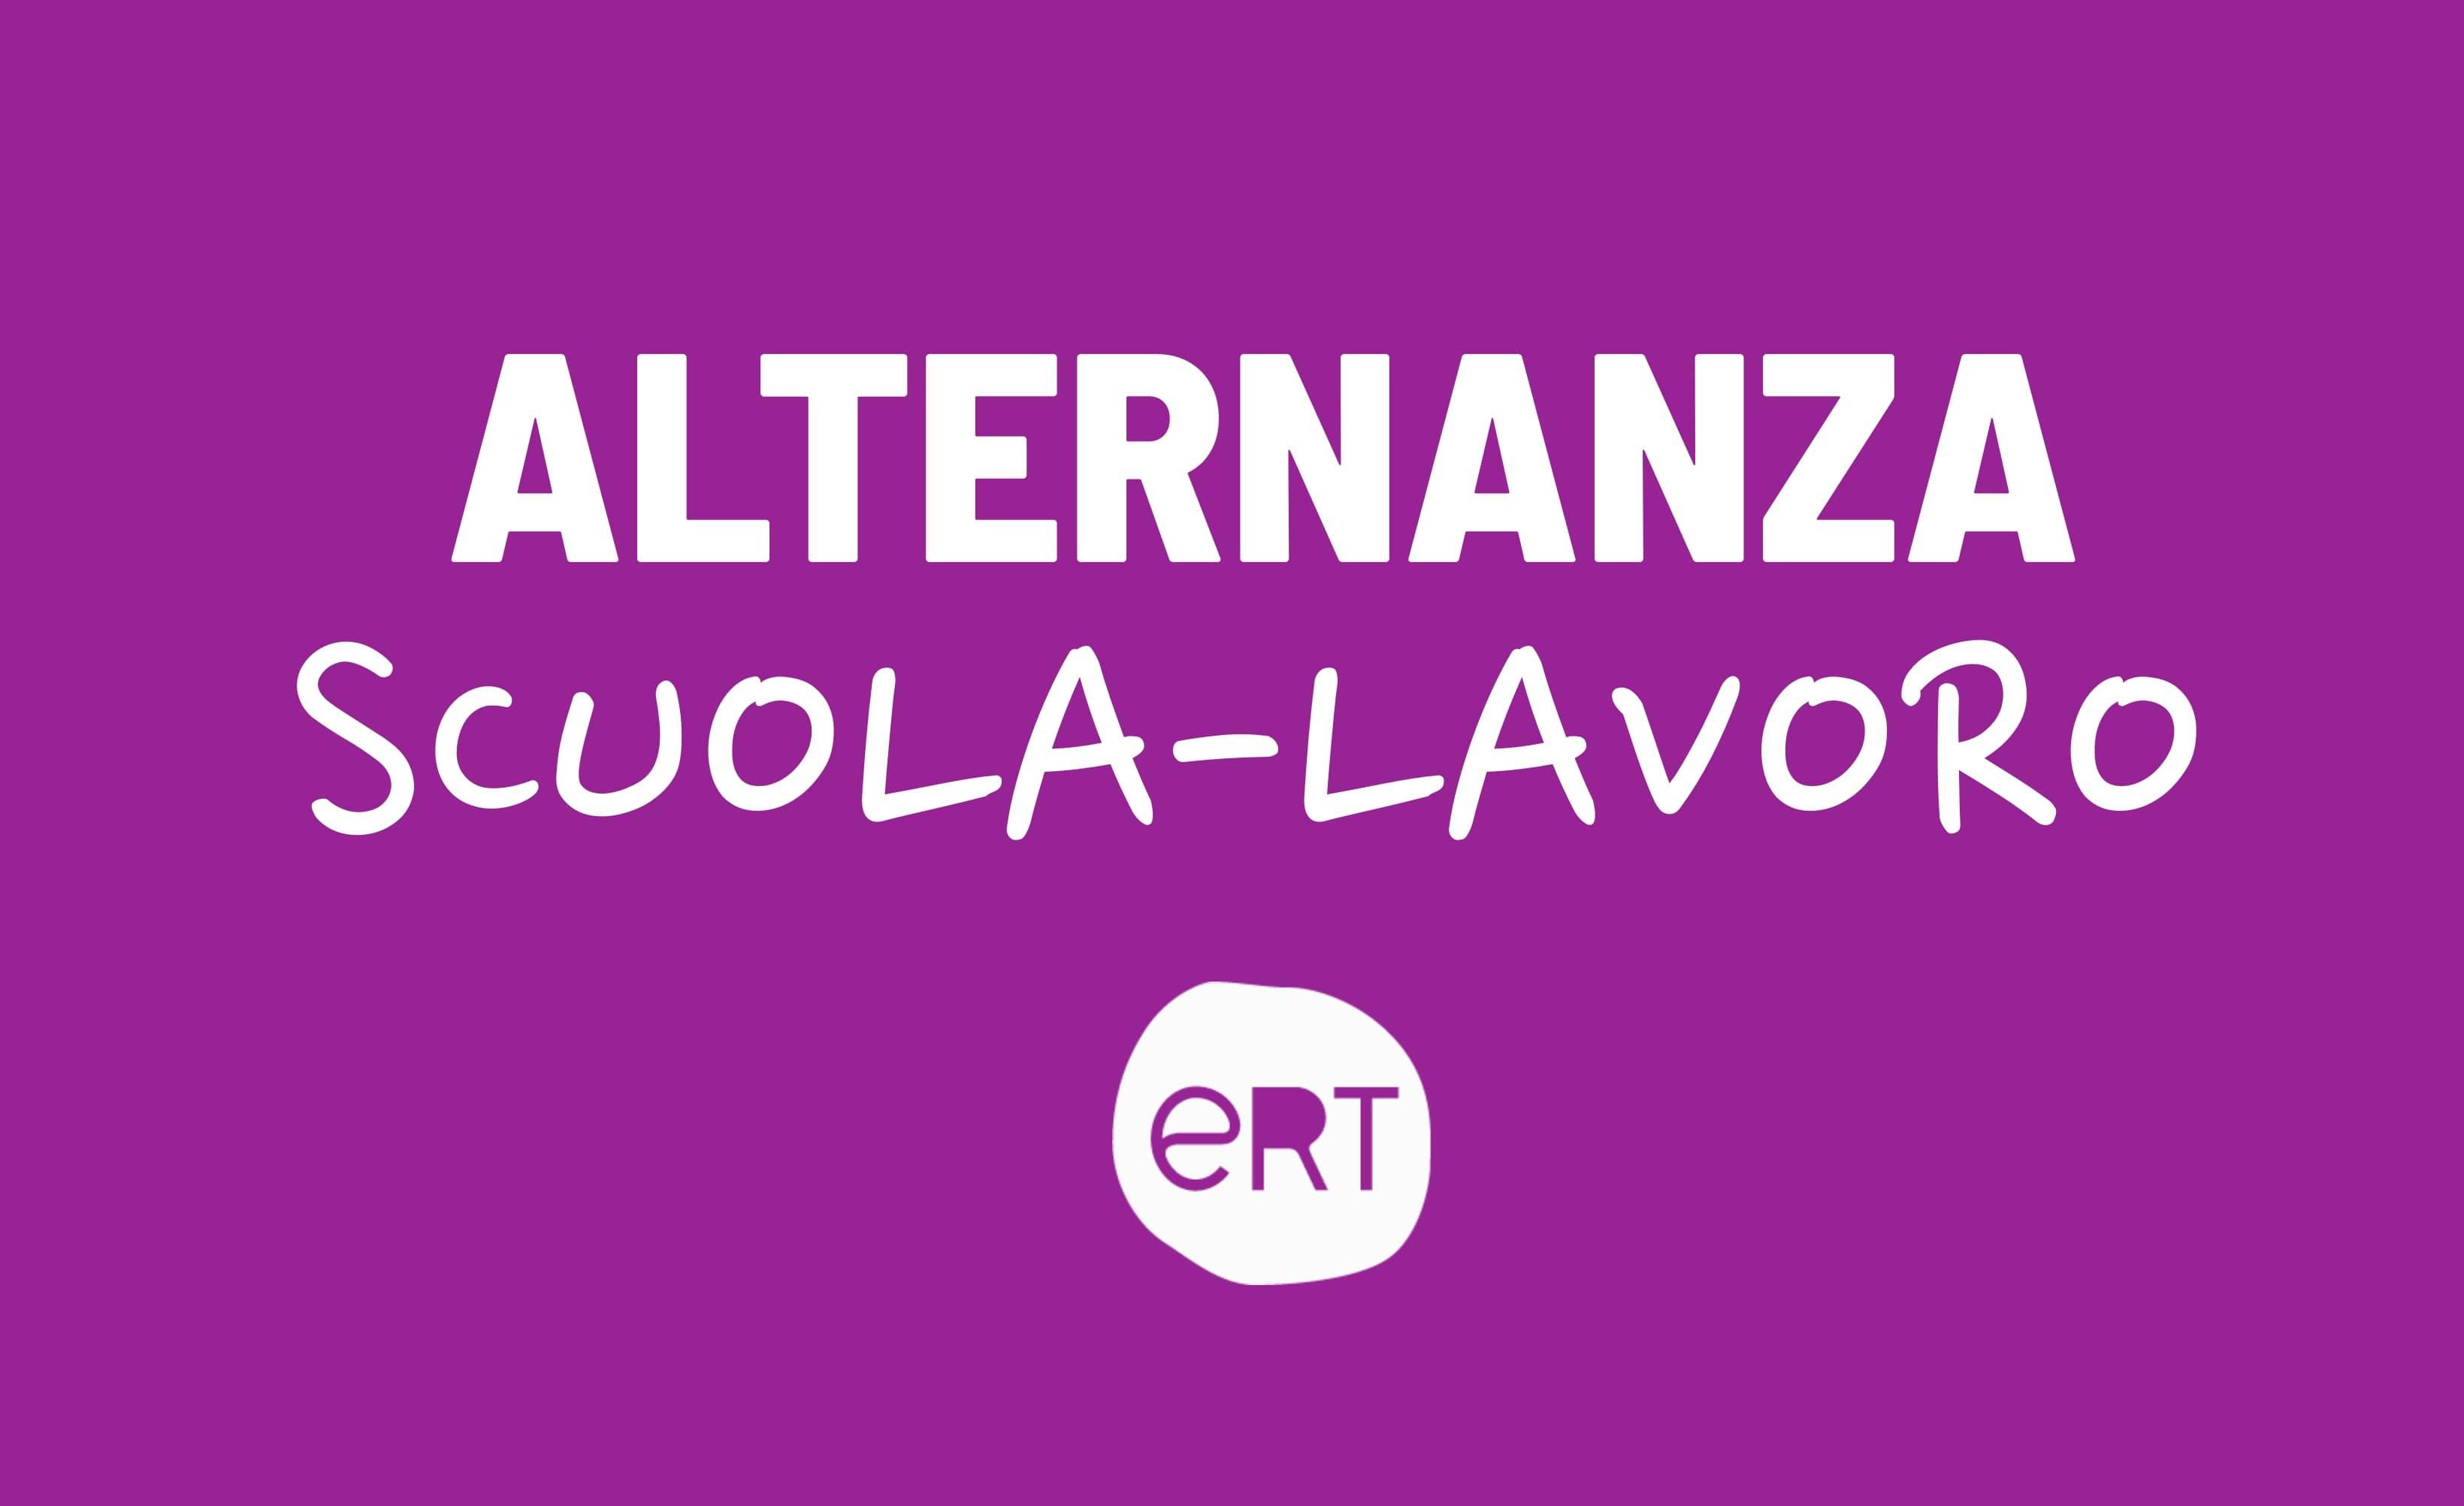 Alternanza scuola-lavoro a ERT